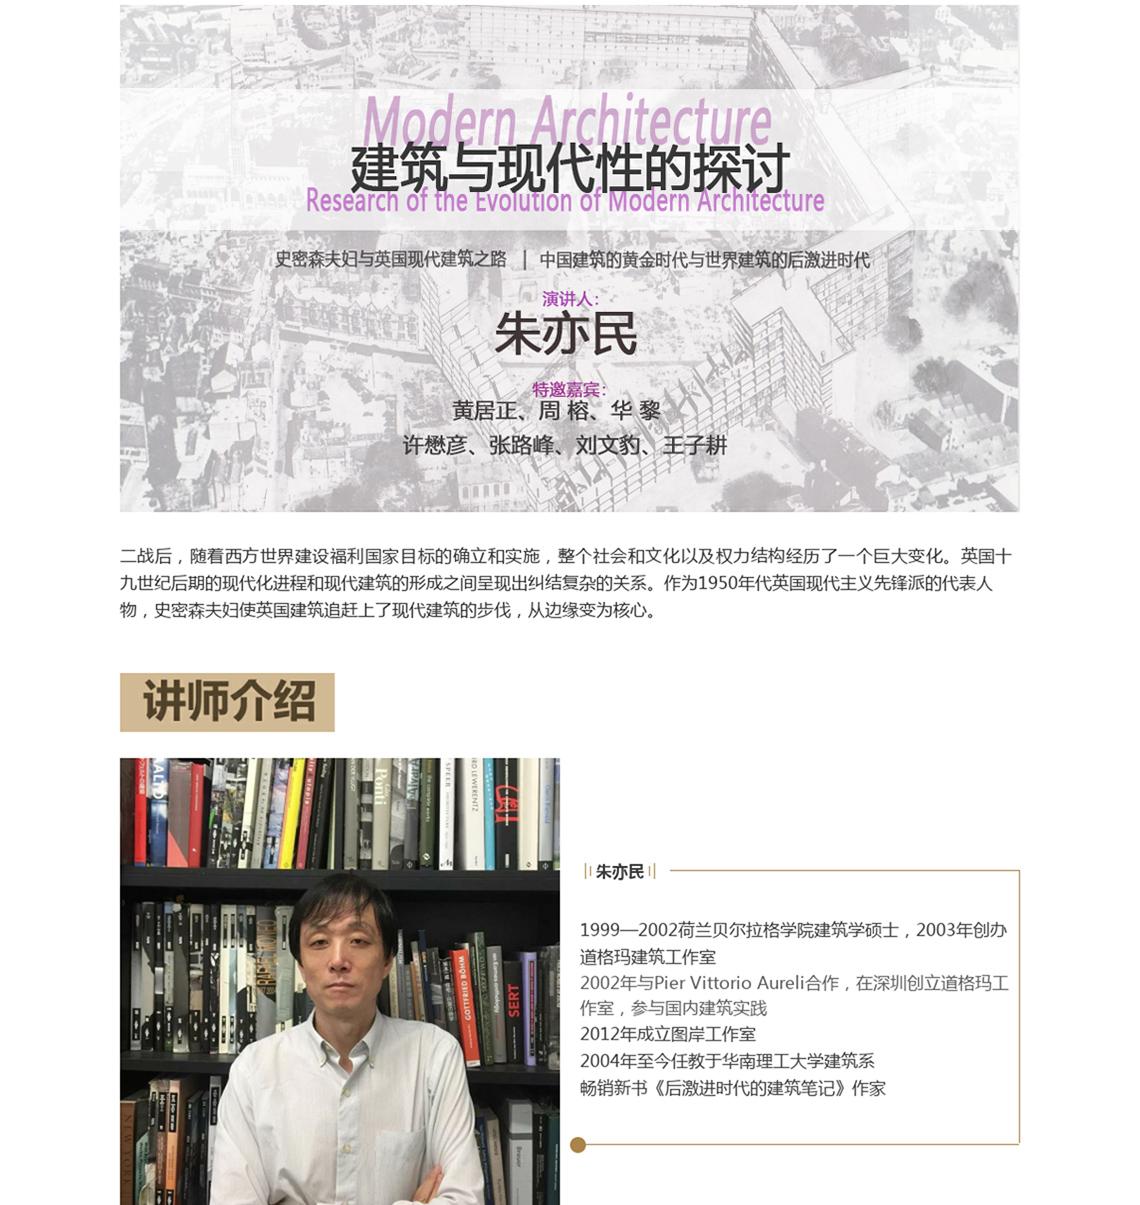 朱亦民建筑与现代性的探讨讲座